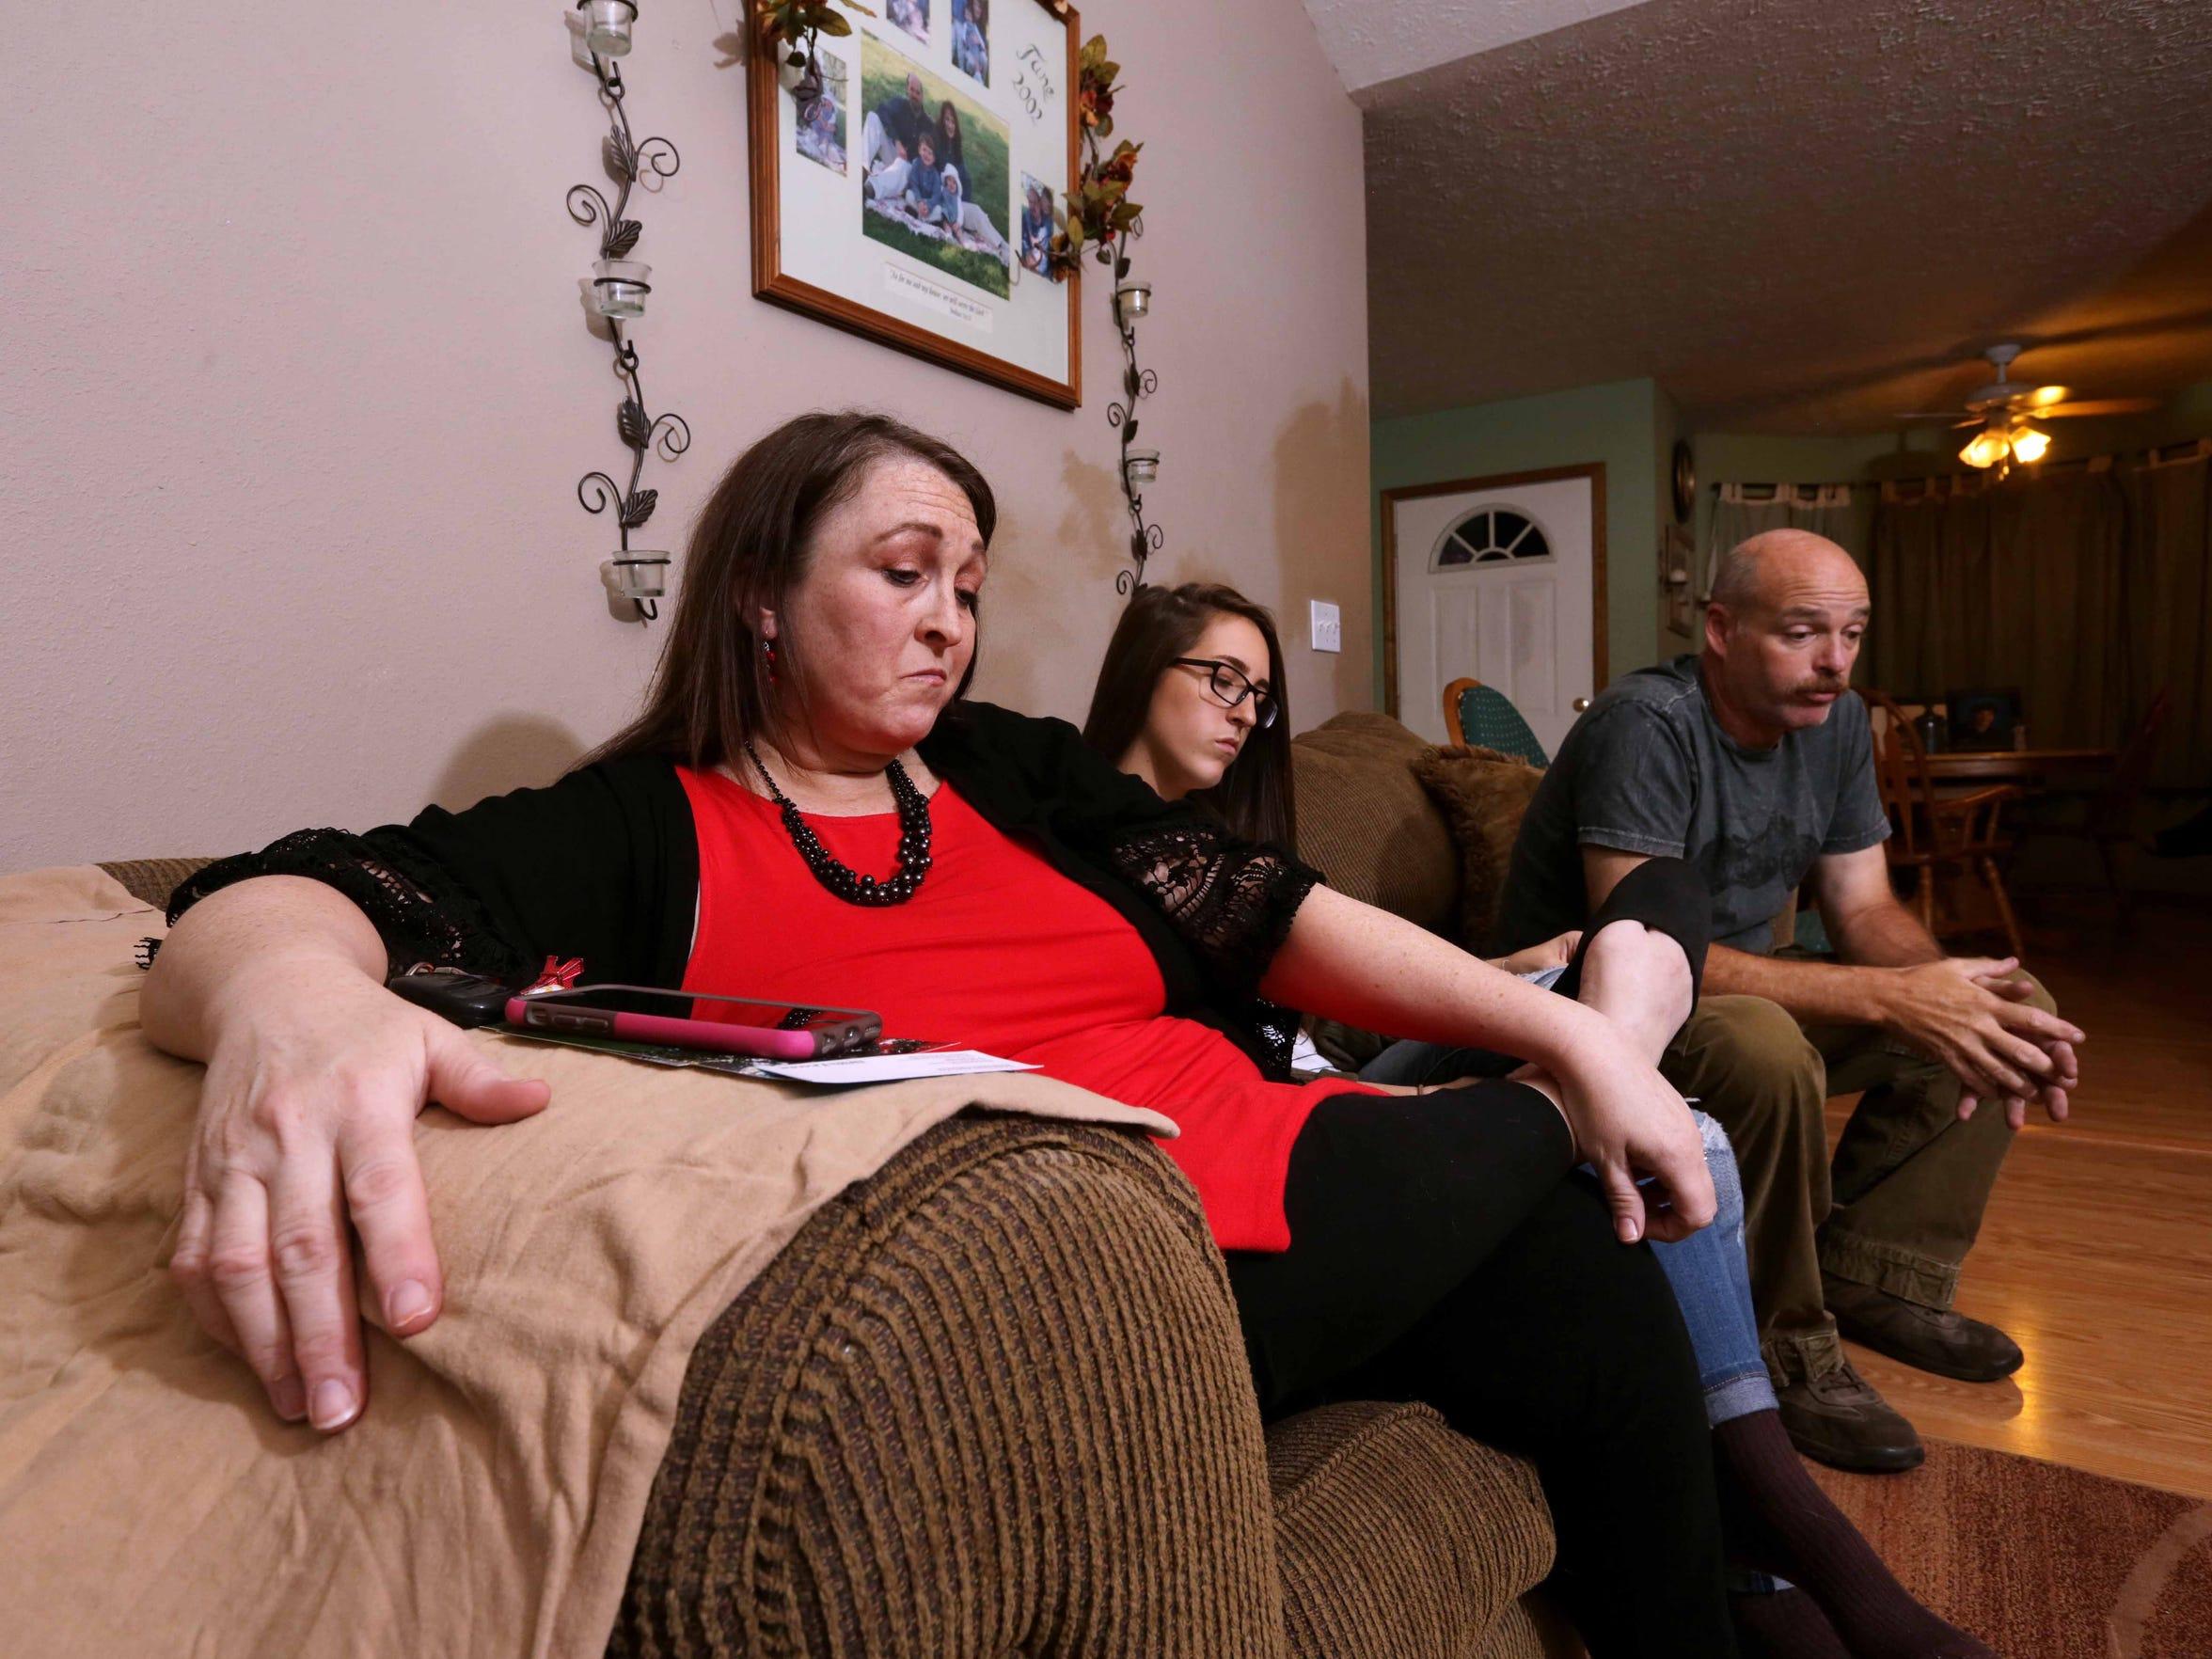 Brett and Heidi Clark, and their daughter Jadyn, still